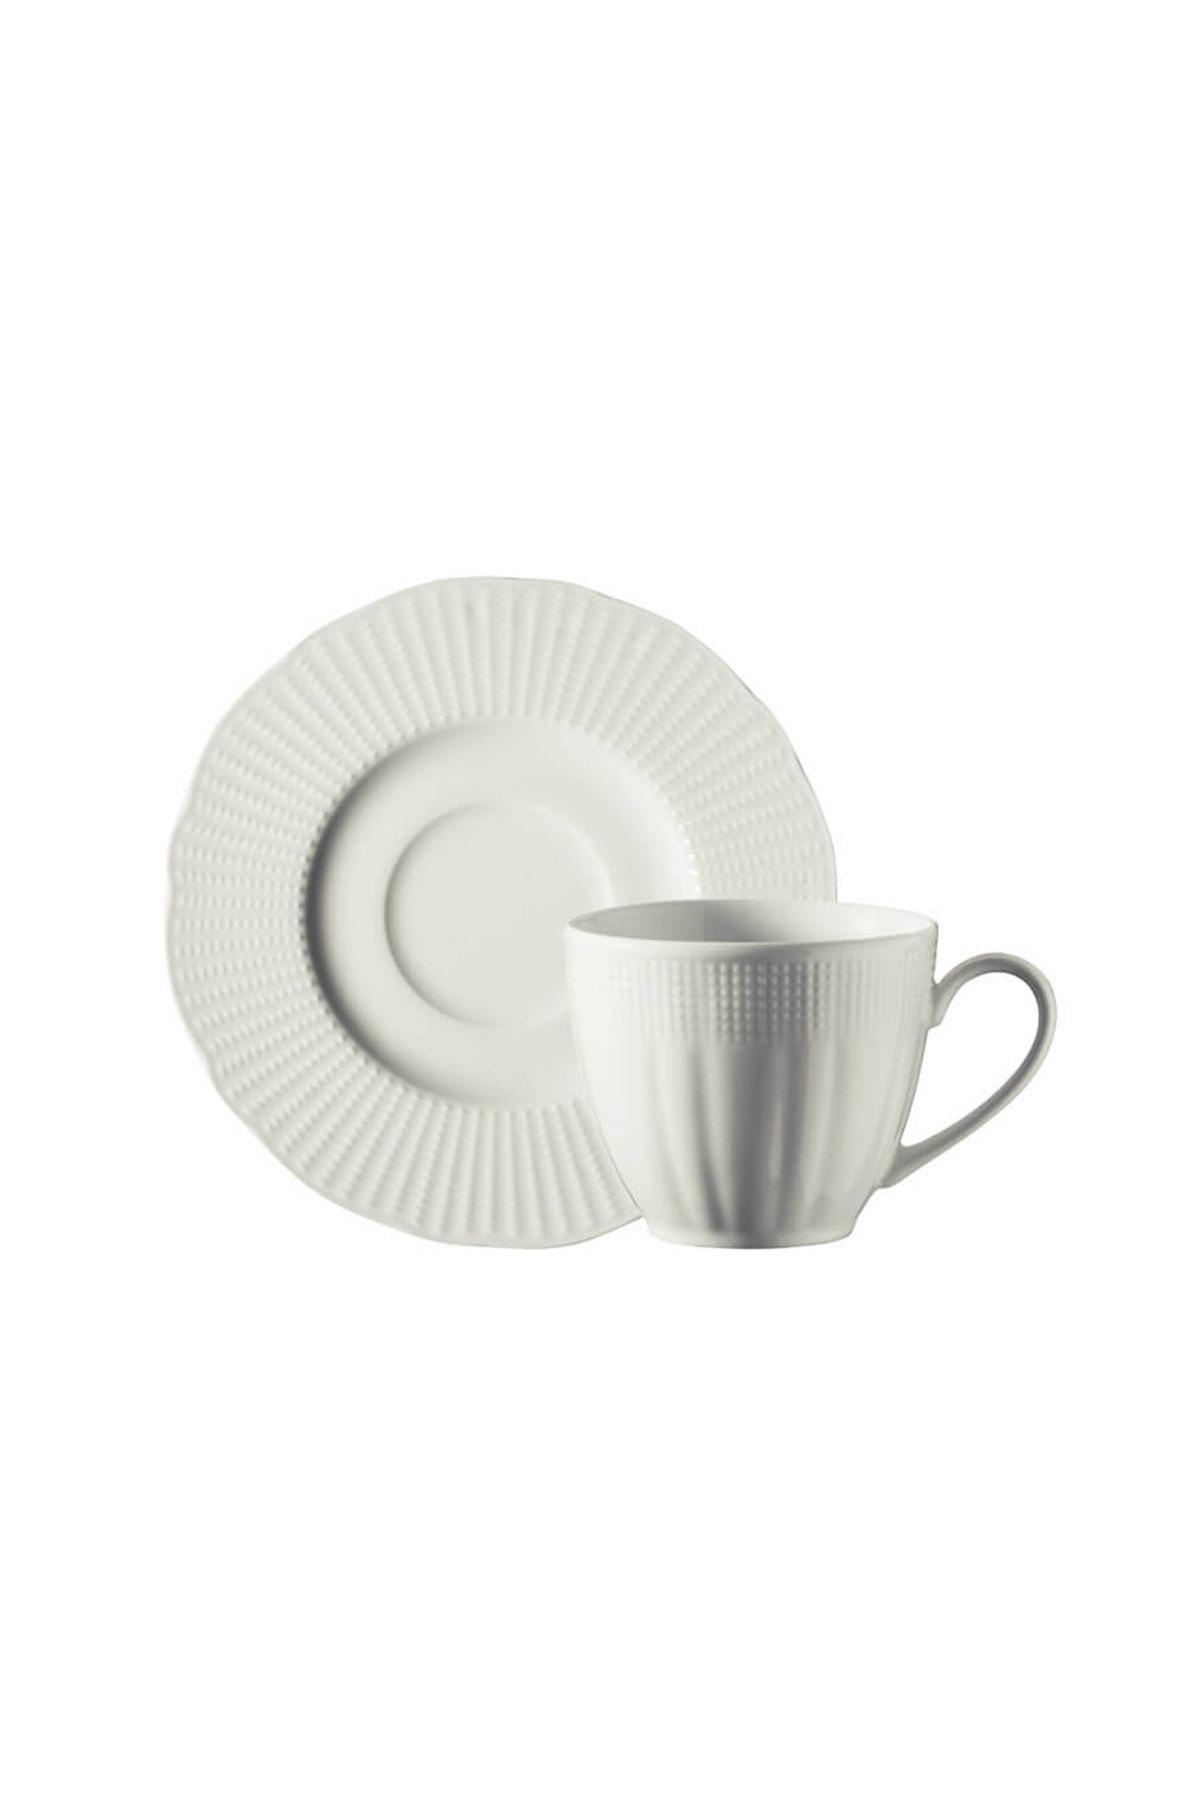 Kütahya Porselen Bone İlay Kahve Fincan Takımı